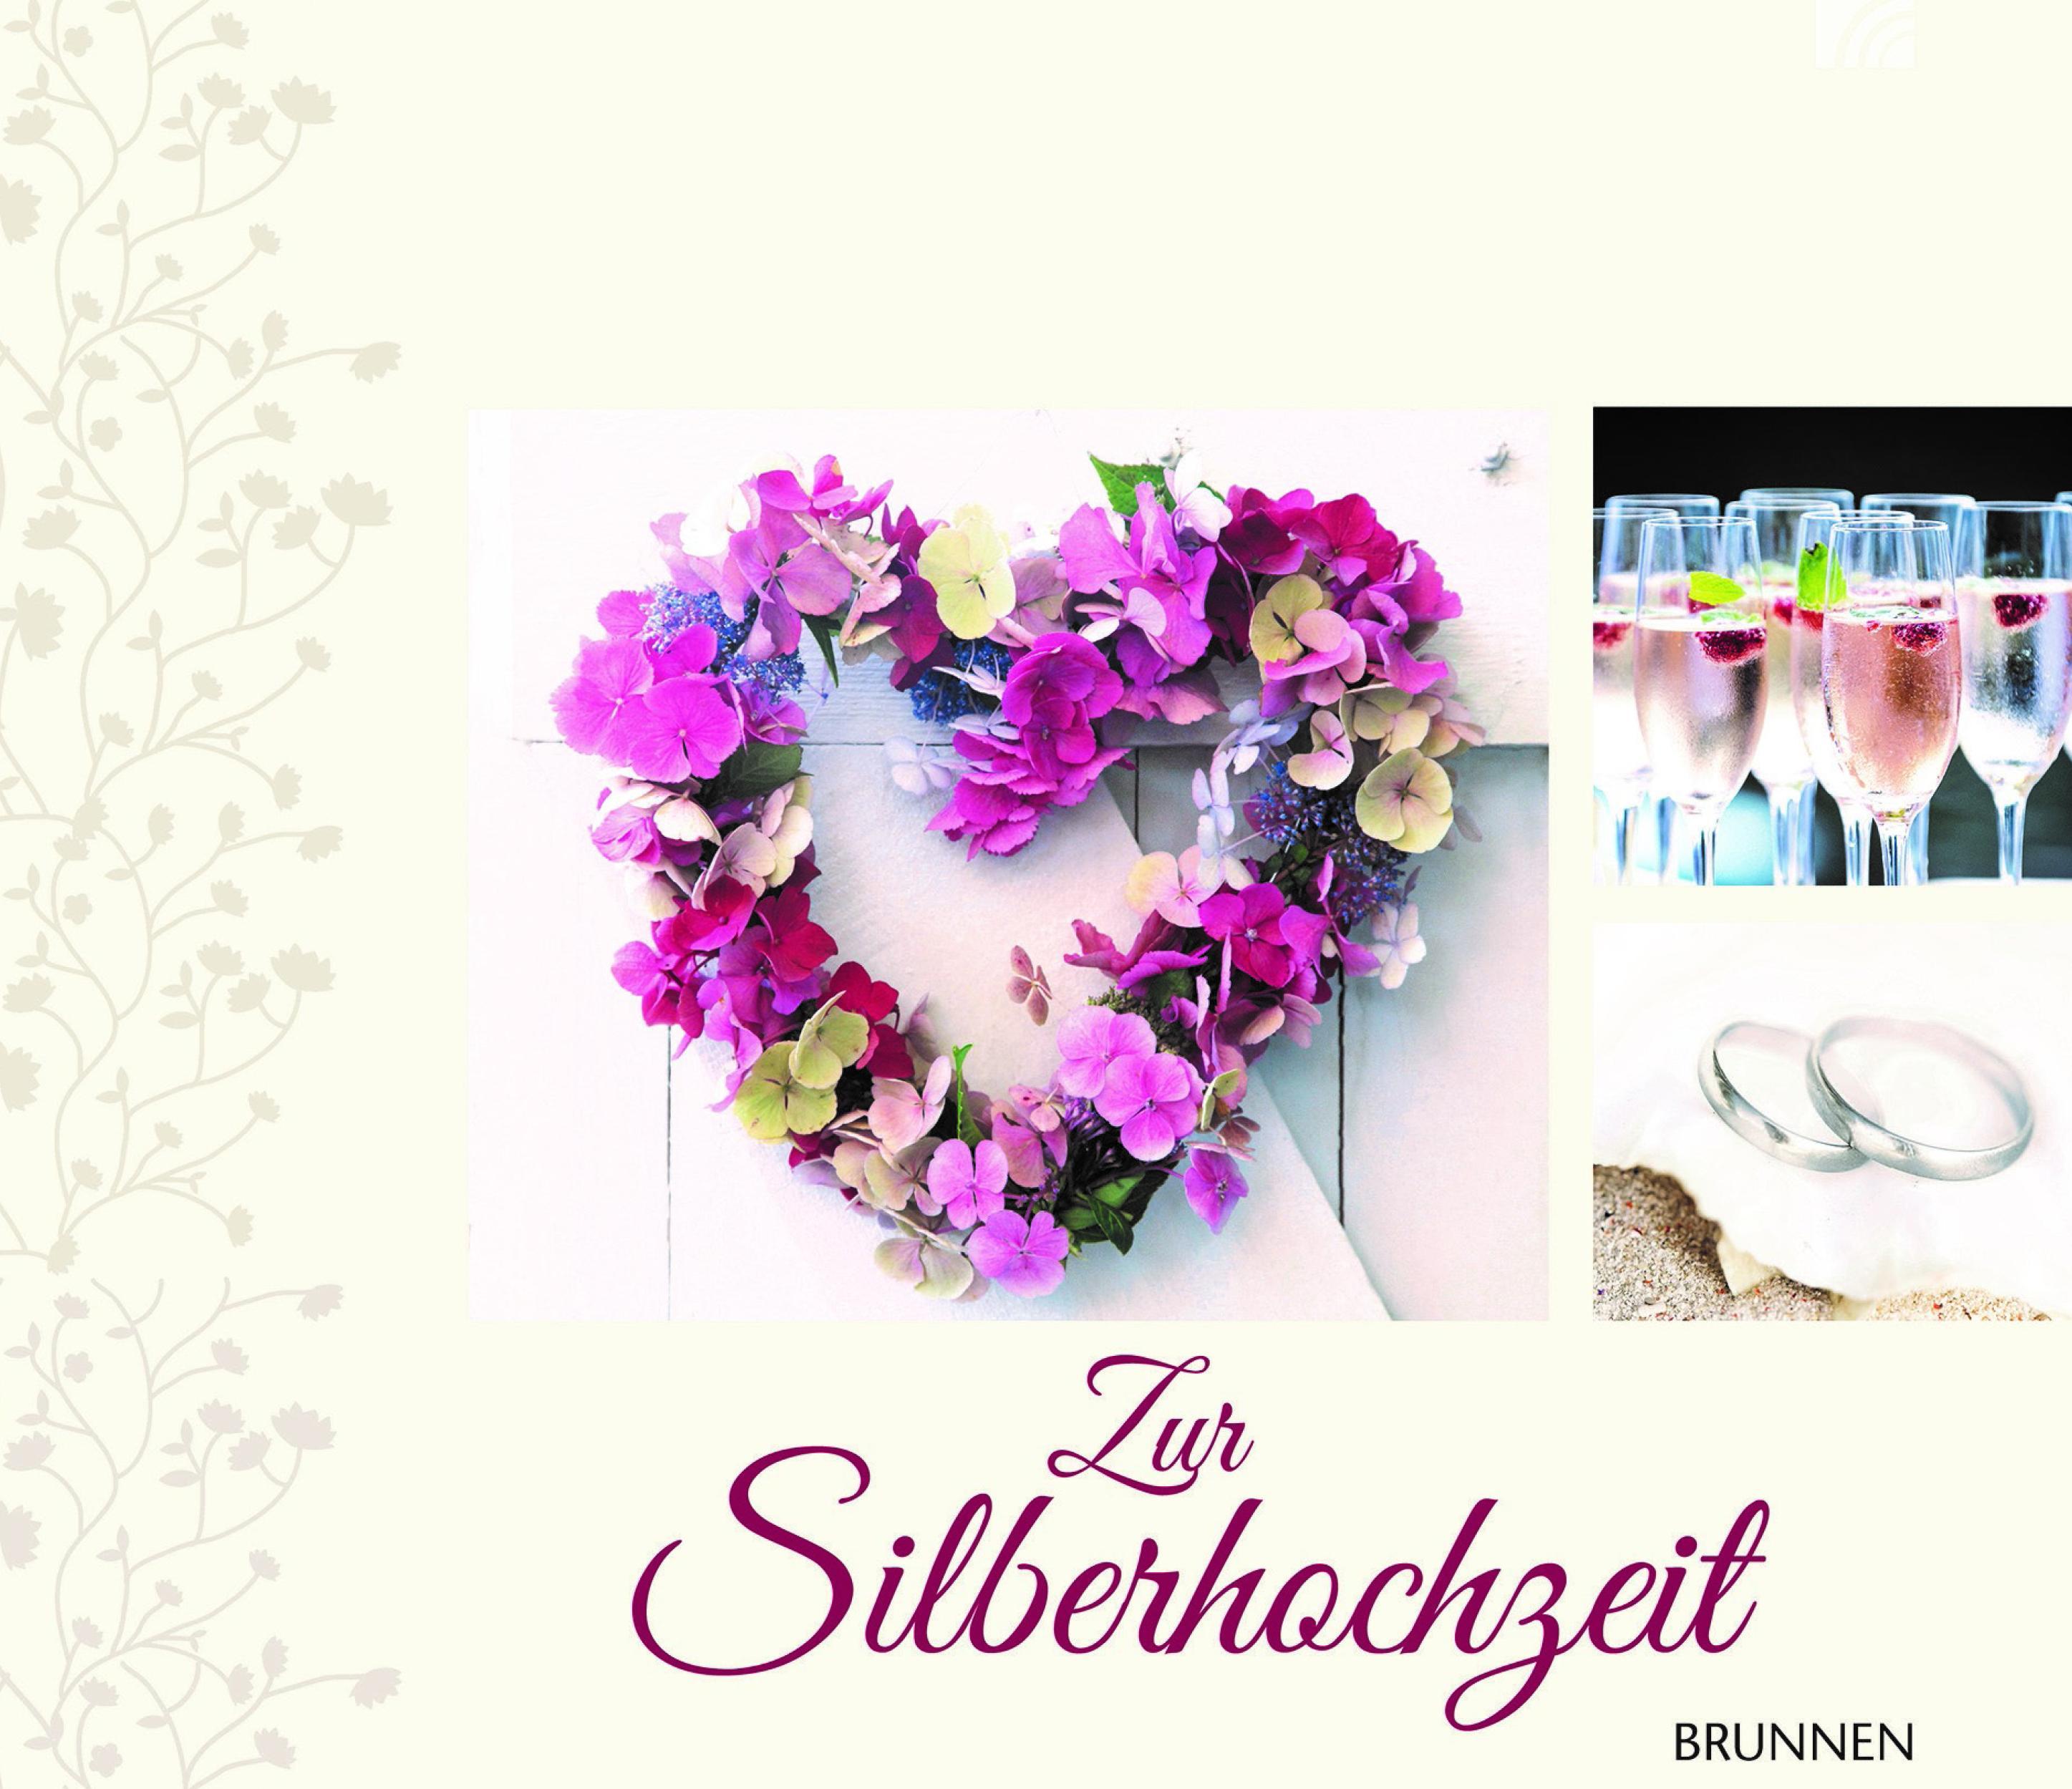 Zur Silberhochzeit Irmtraut Fröse-Schreer 9783765530517